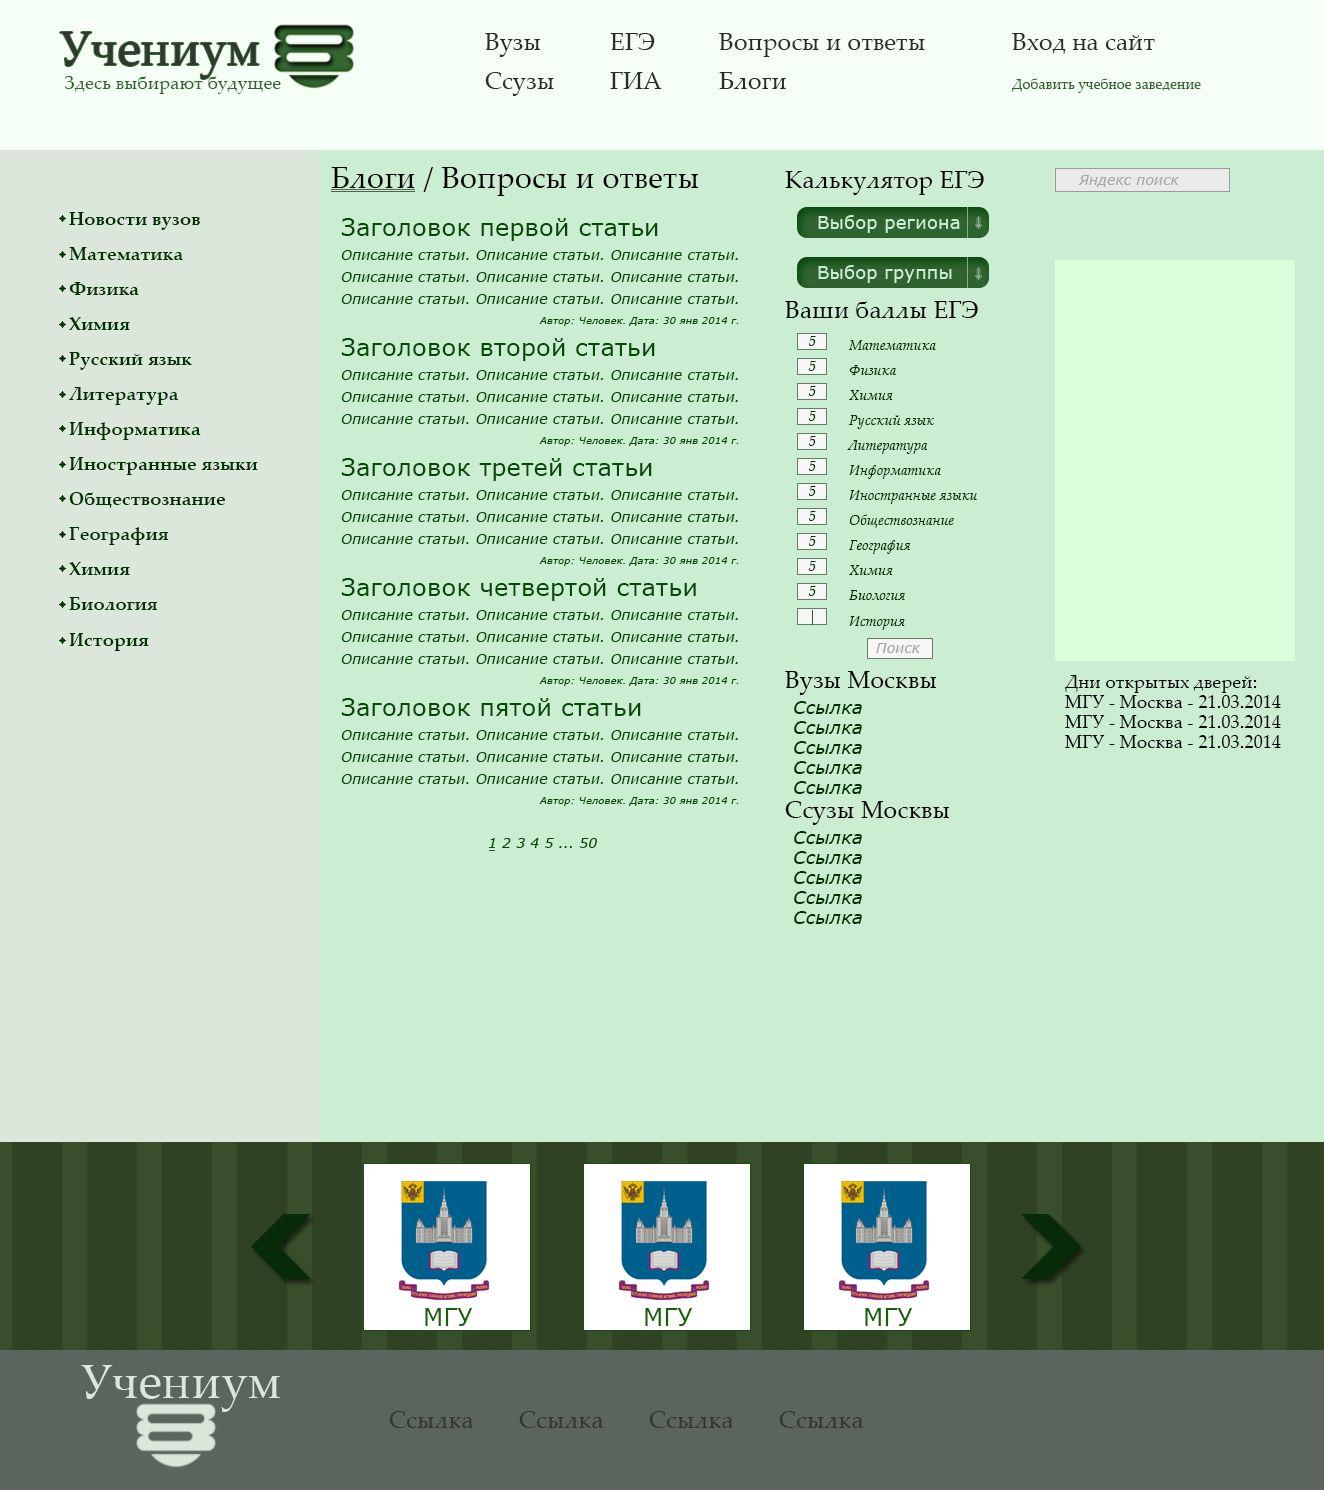 Дизайн для информационного сайта - дизайнер SinusFlex